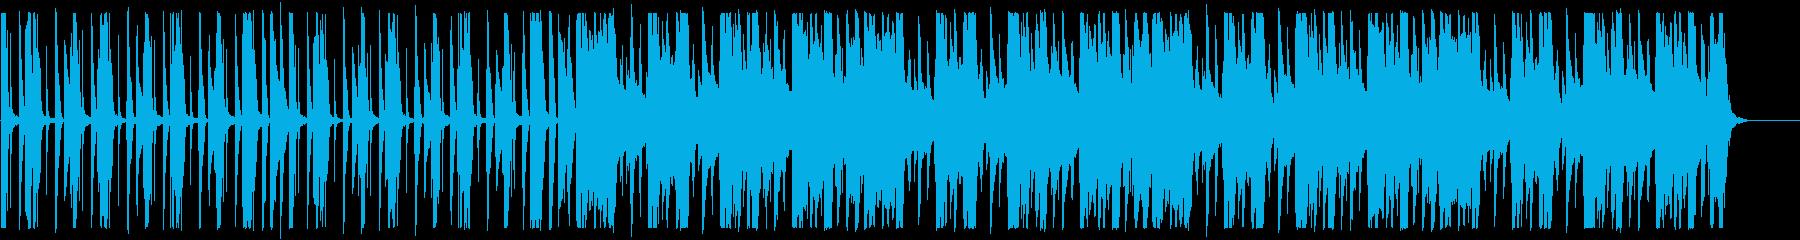 キラキラ/ローファイ_No593_3の再生済みの波形